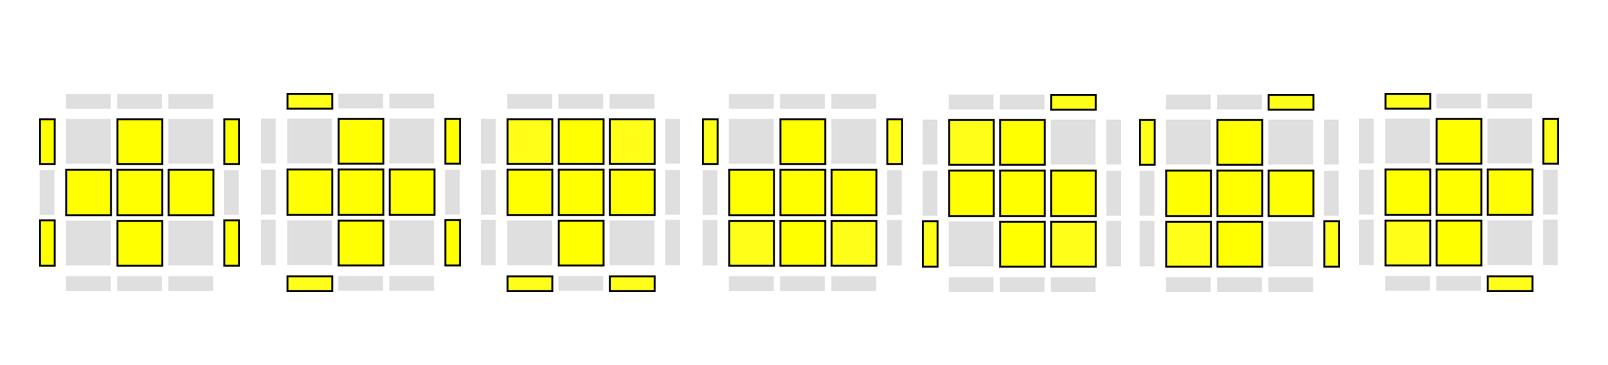 上面黄色の画像